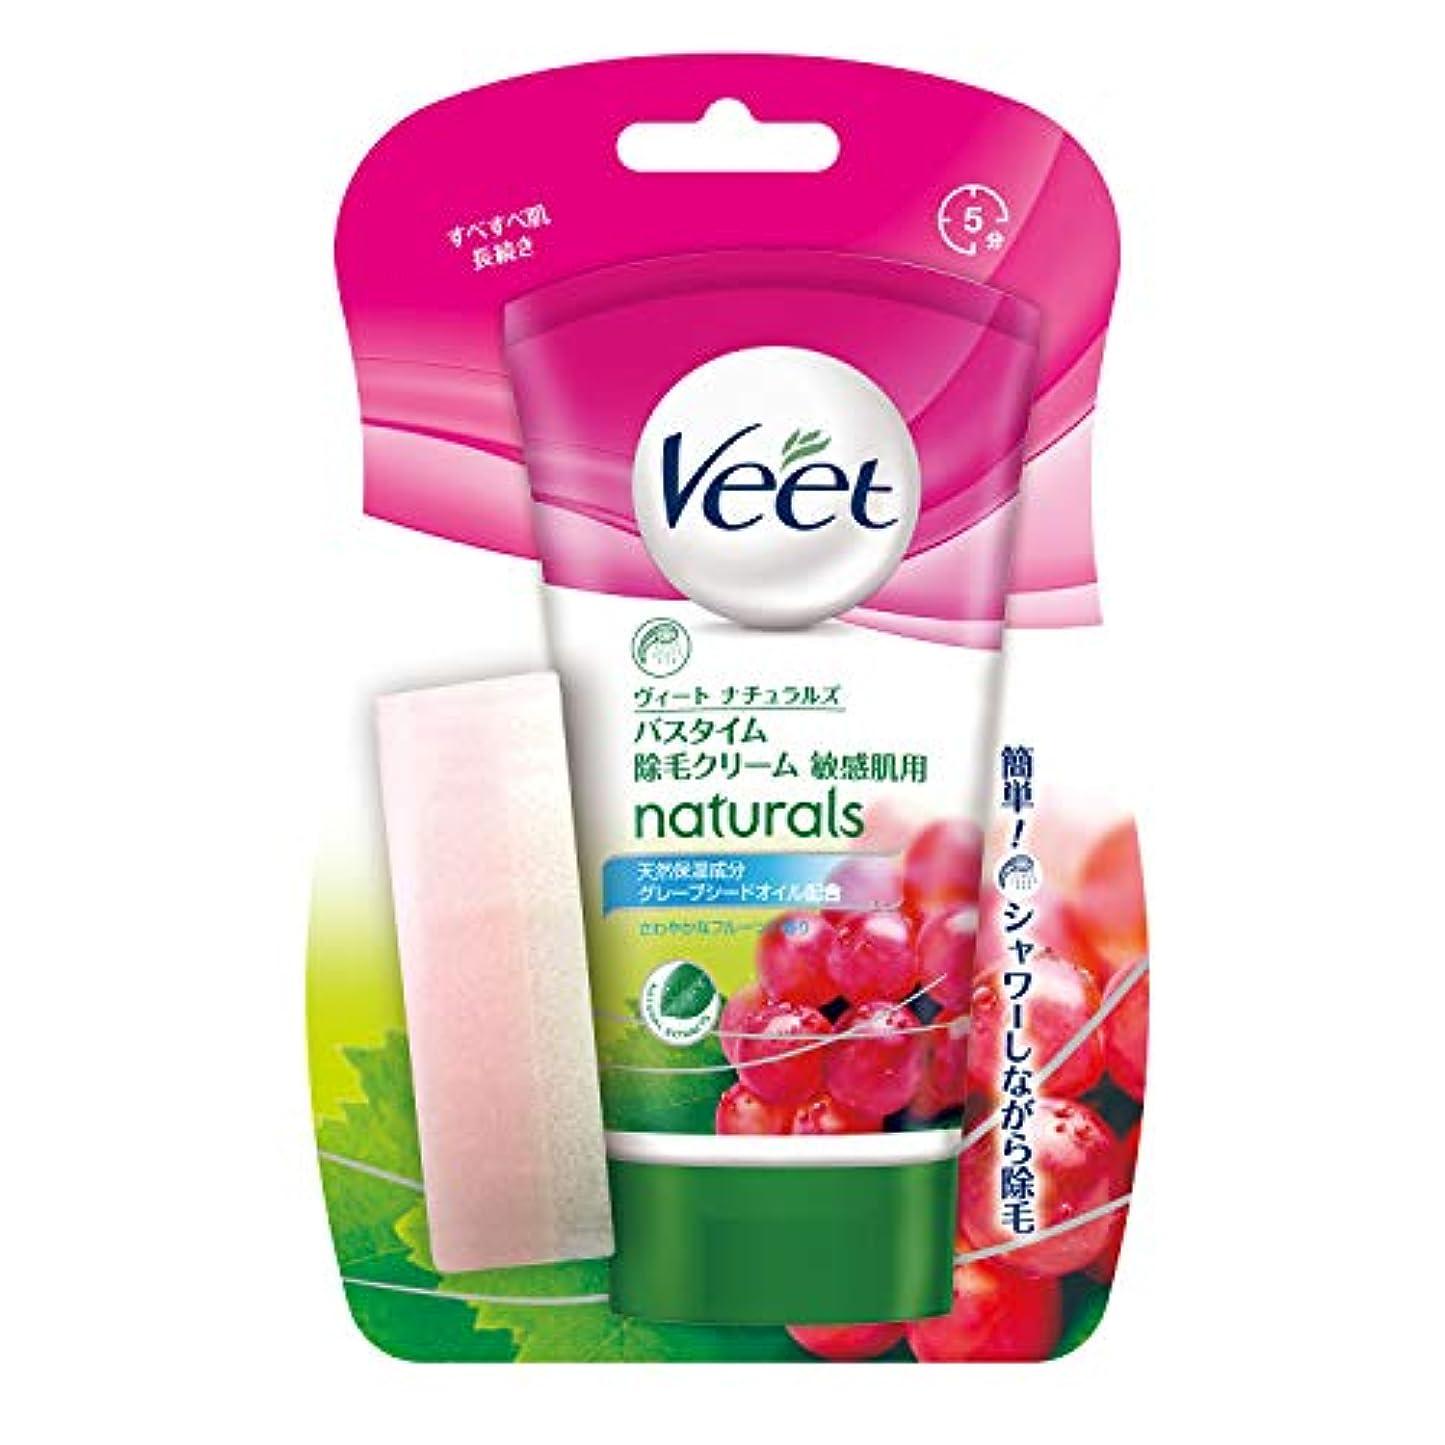 虫を数える立証する荒れ地ヴィート バスタイムセン用 除毛クリーム 敏感肌用 150g (Veet Naturals In Shower Hair Removal Cream  Sensitive 150g)